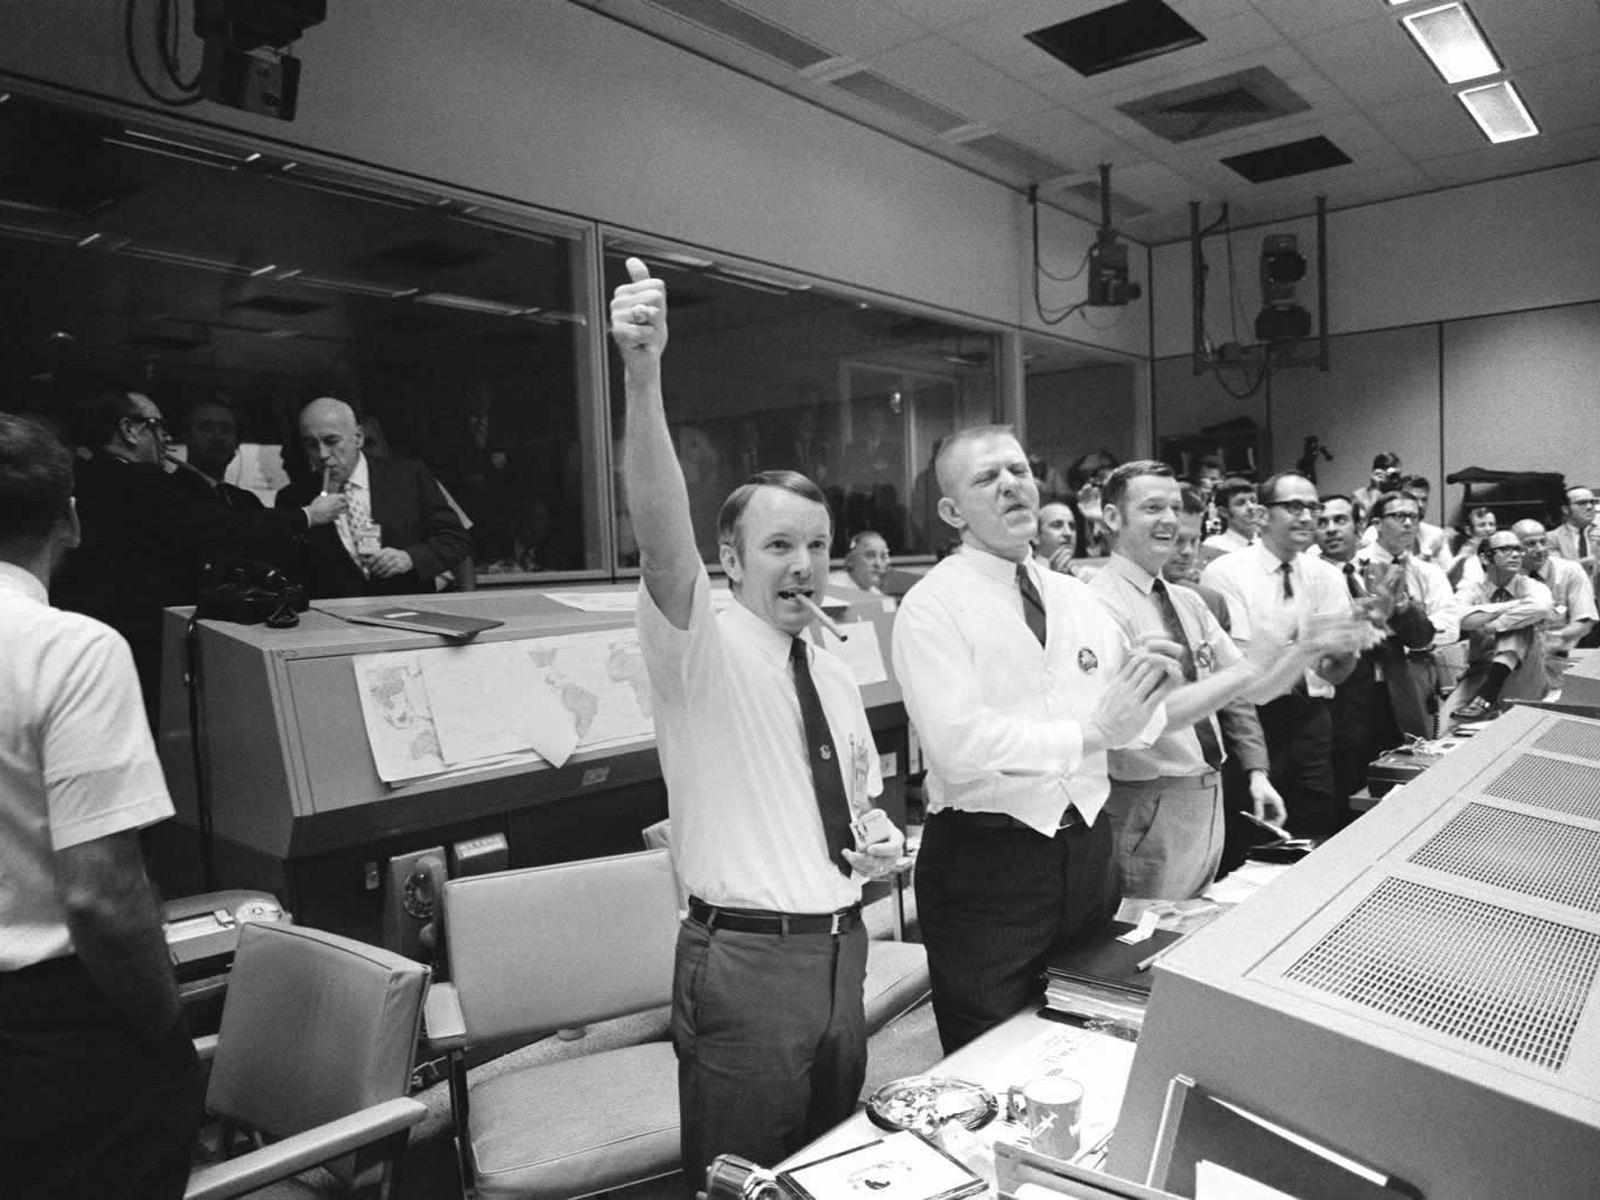 apollo 13 mission control - photo #9